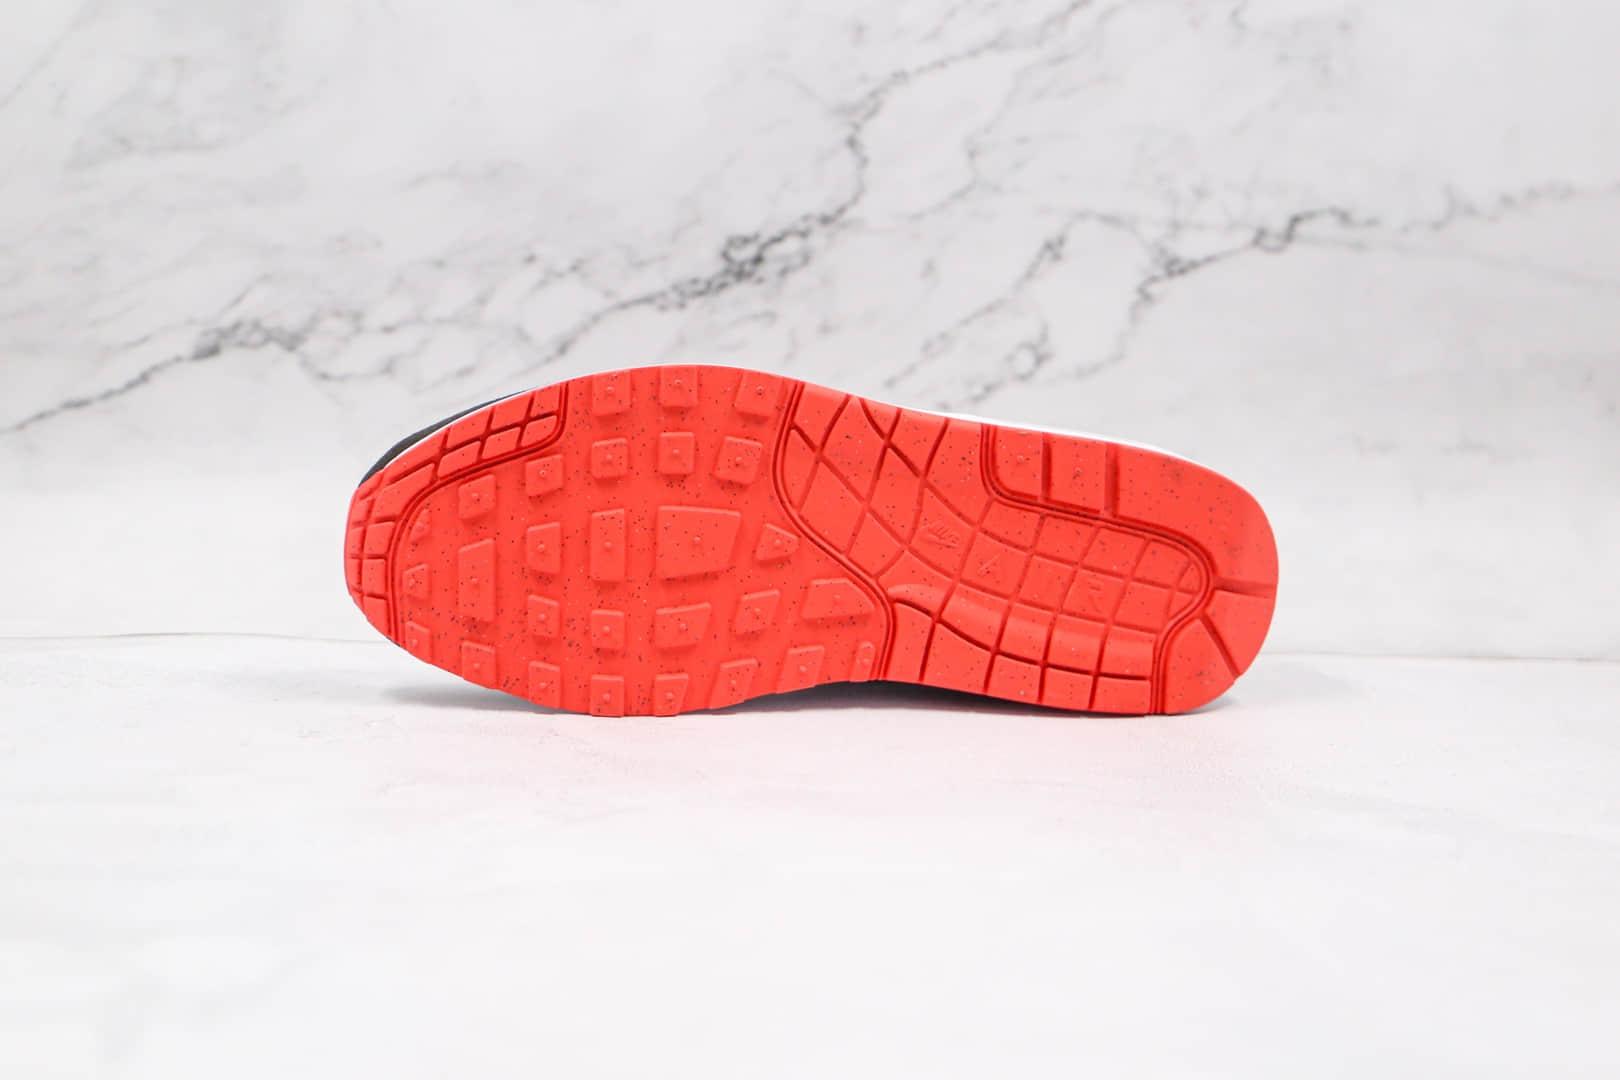 耐克Nike air max 1 white grey dark smoke纯原版本黑白黄蓝复古Max 1气垫鞋原盒原标 货号:CZ8138-100